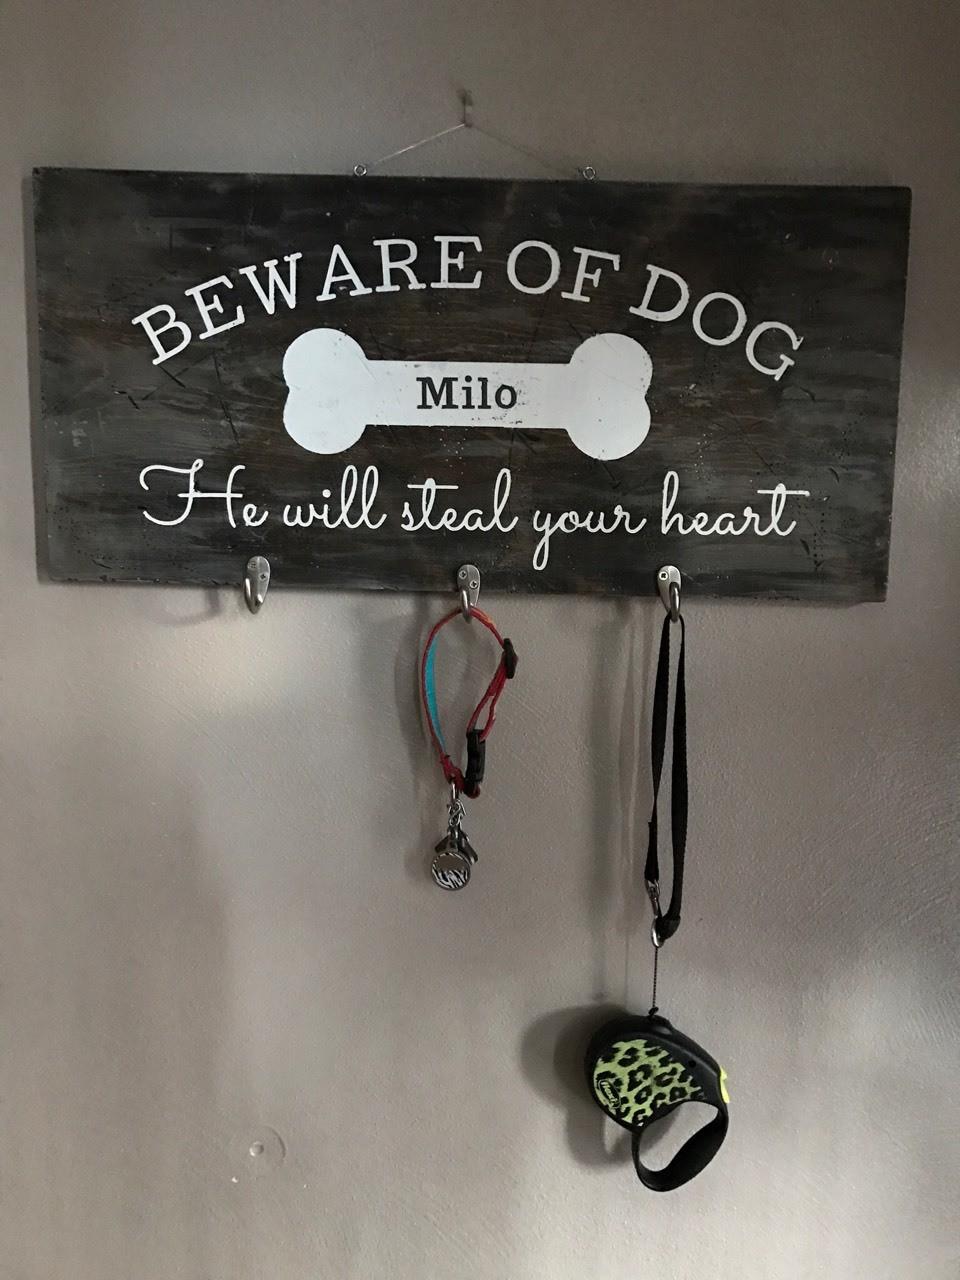 Milo's Pics